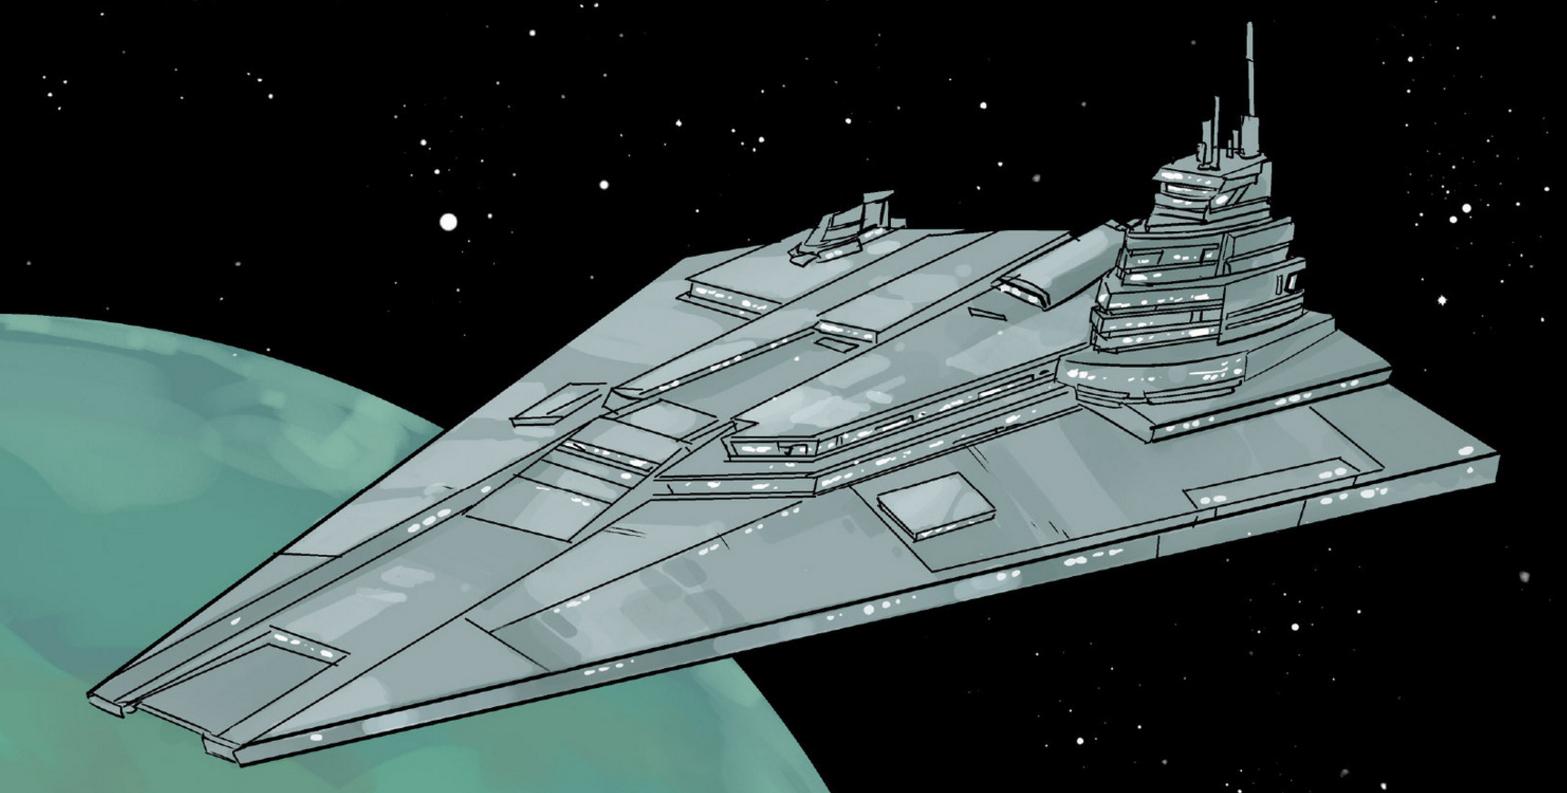 Crucero pesado clase Maxima-A